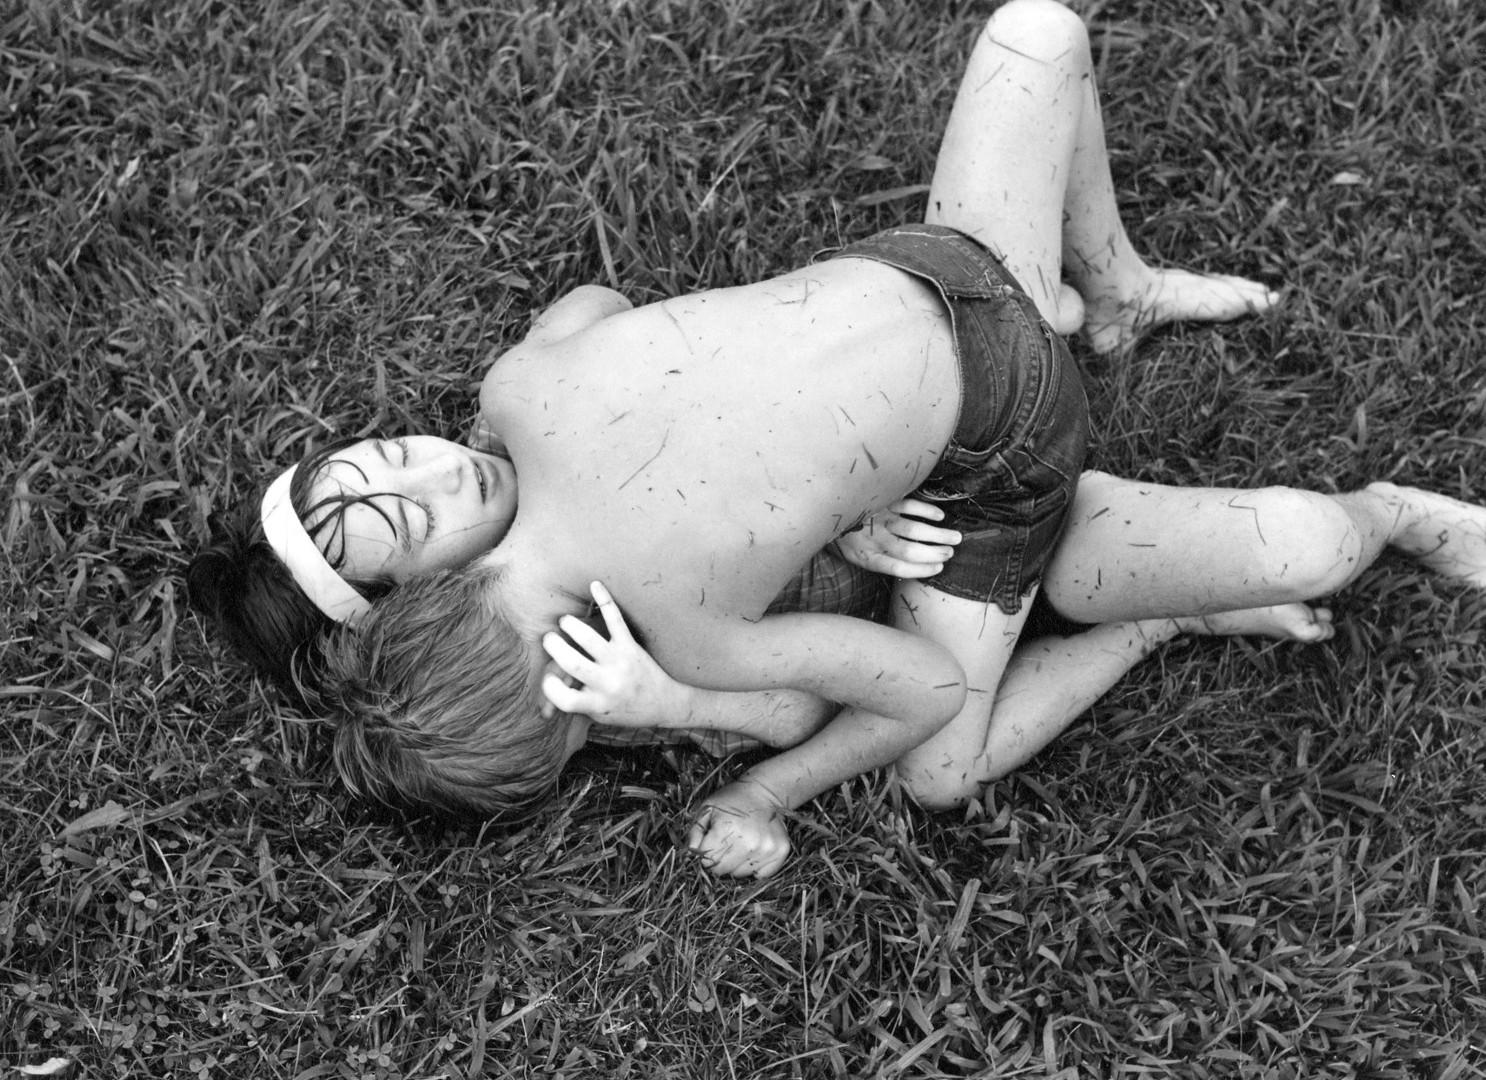 Emmet Gowin, Nancy and Dwayne, Danville, Virginia, 1970